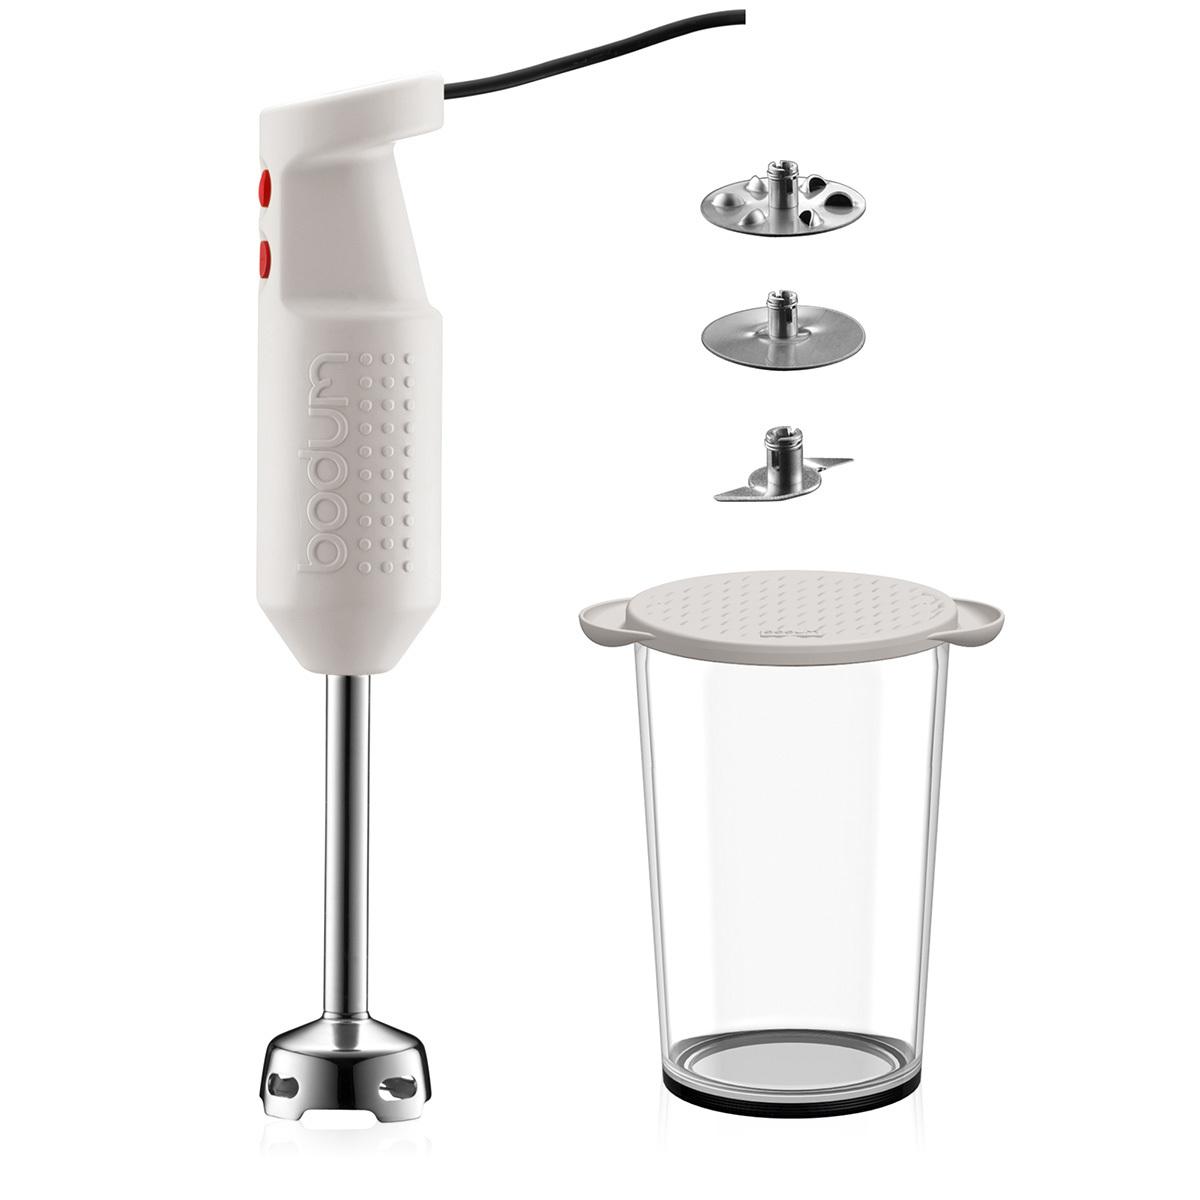 BISTRO SET: Set pied mixeur électrique, avec accessoires, 300 W